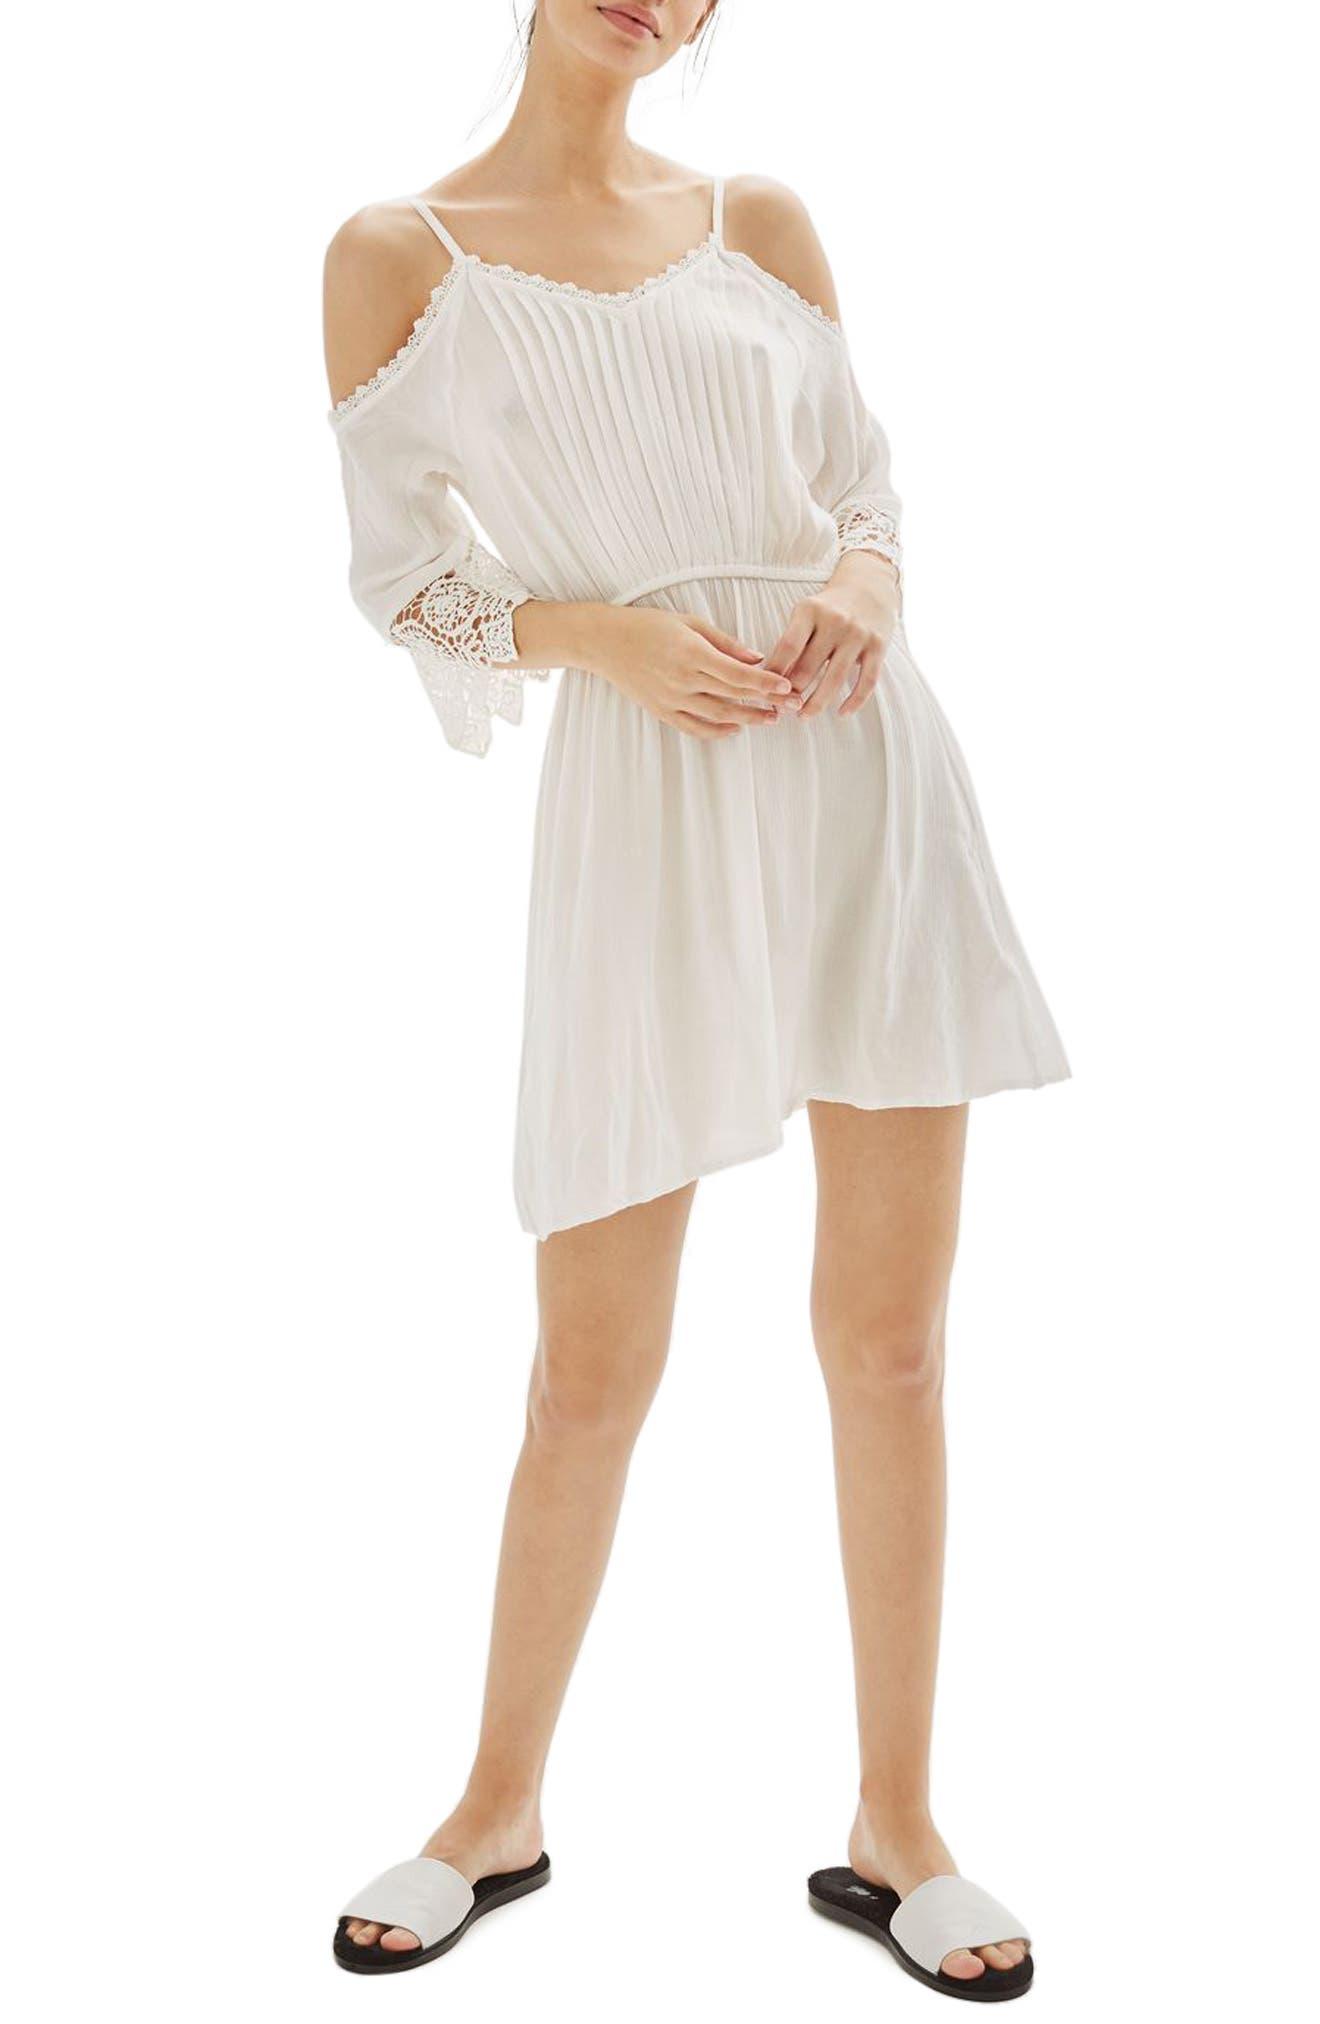 Topshop Lace Trim Cold Shoulder Dress